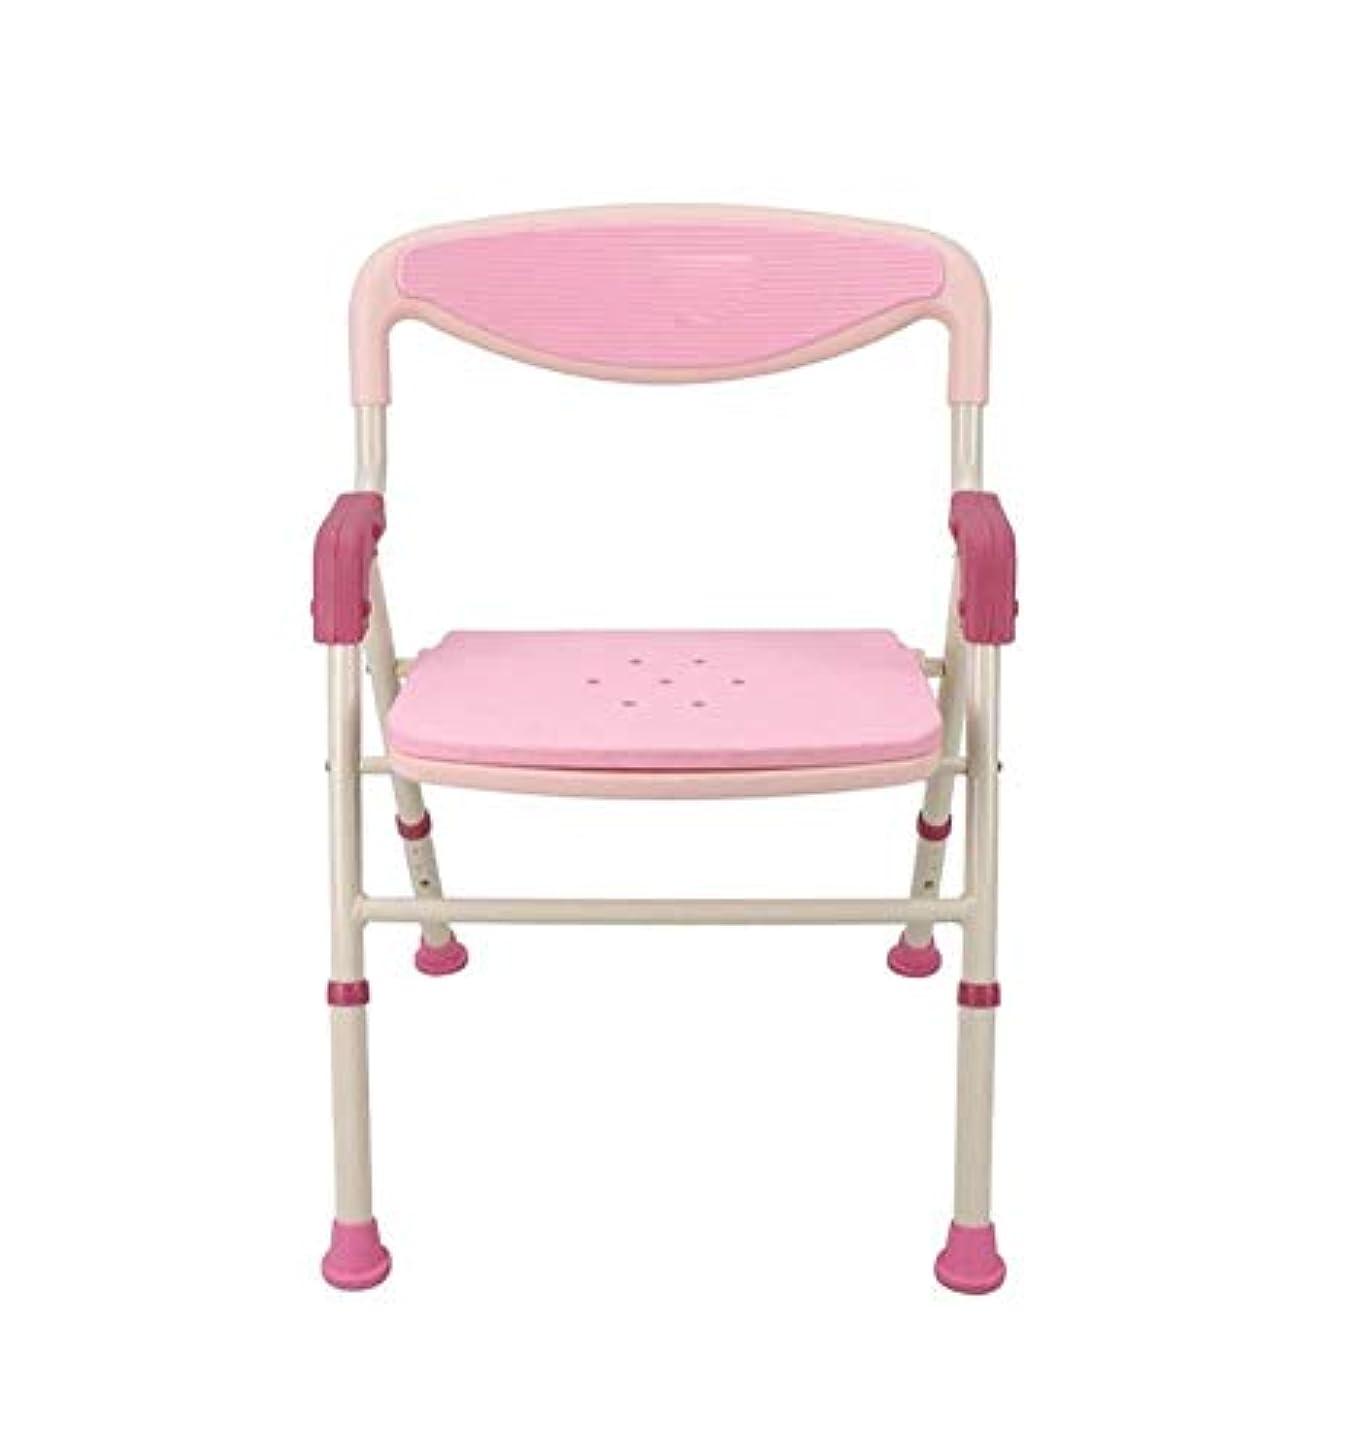 迷信変わる対応トイレチェアハンディキャップ用折りたたみ椅子 (Color : ピンク)